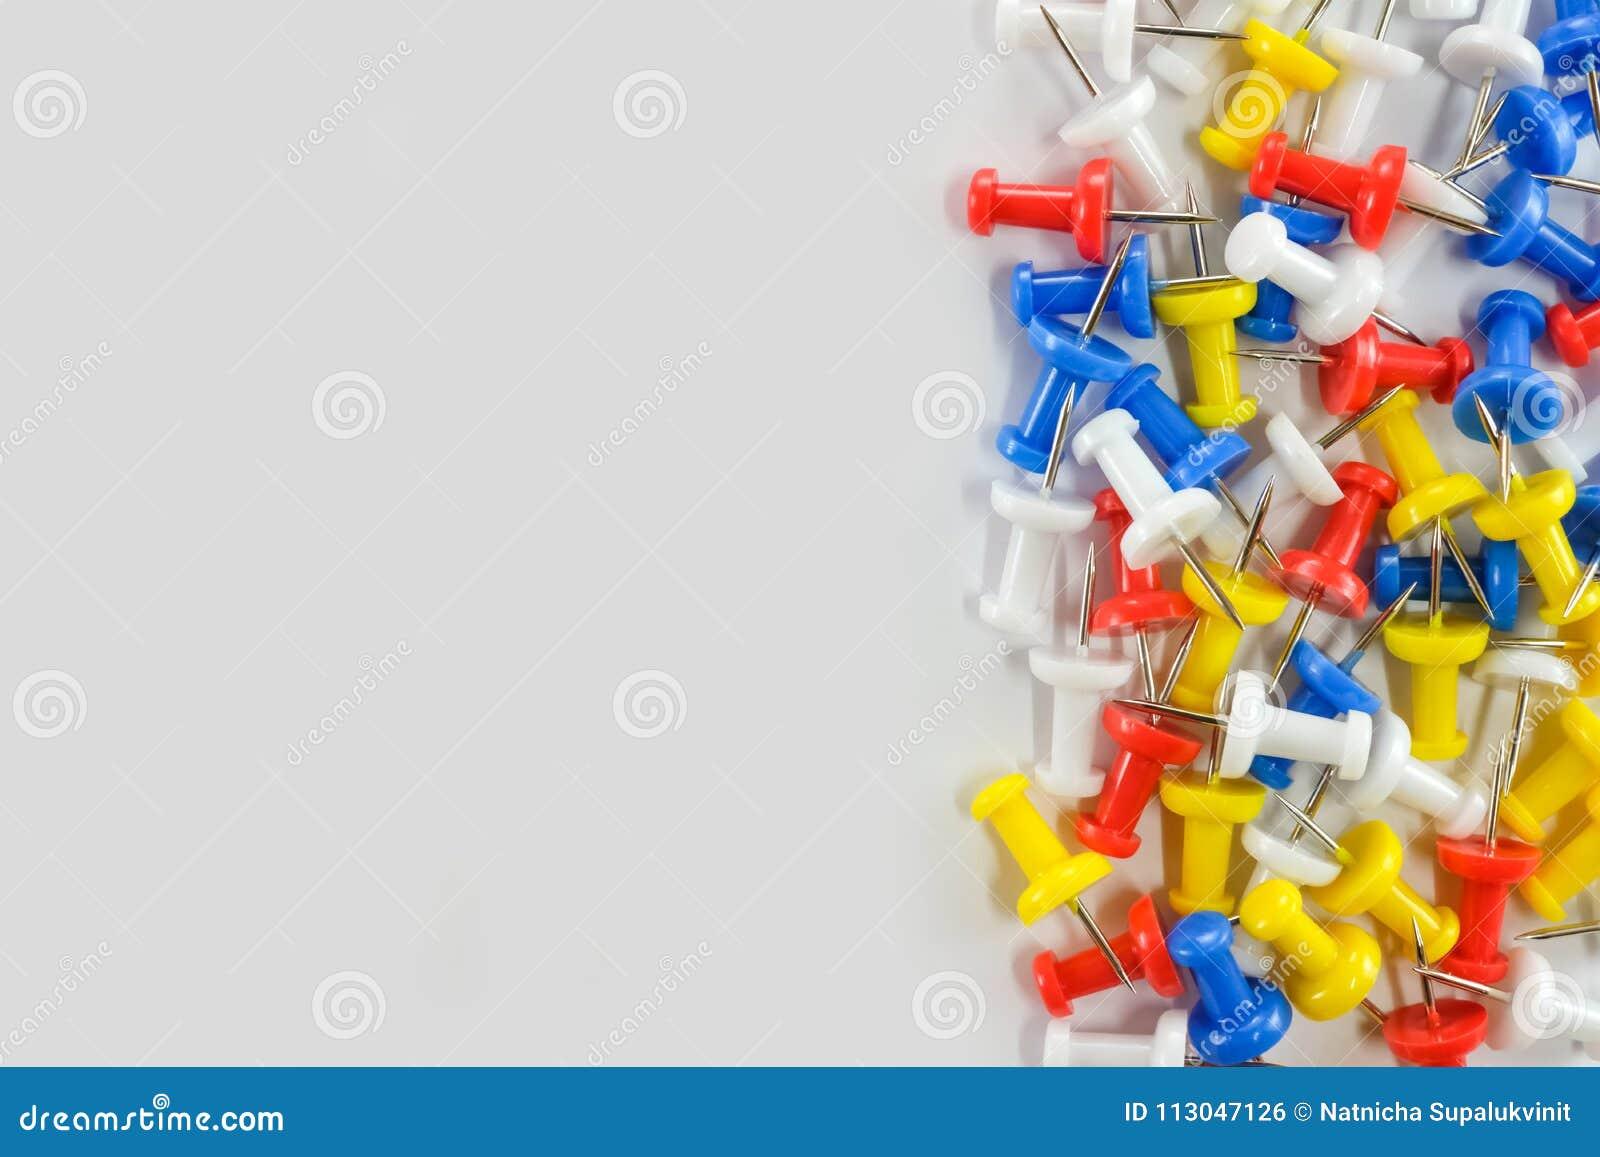 Koloru pchnięcie przyczepia czerwień, kolor żółtego, biel i błękit grupy, na prawo od białego tła